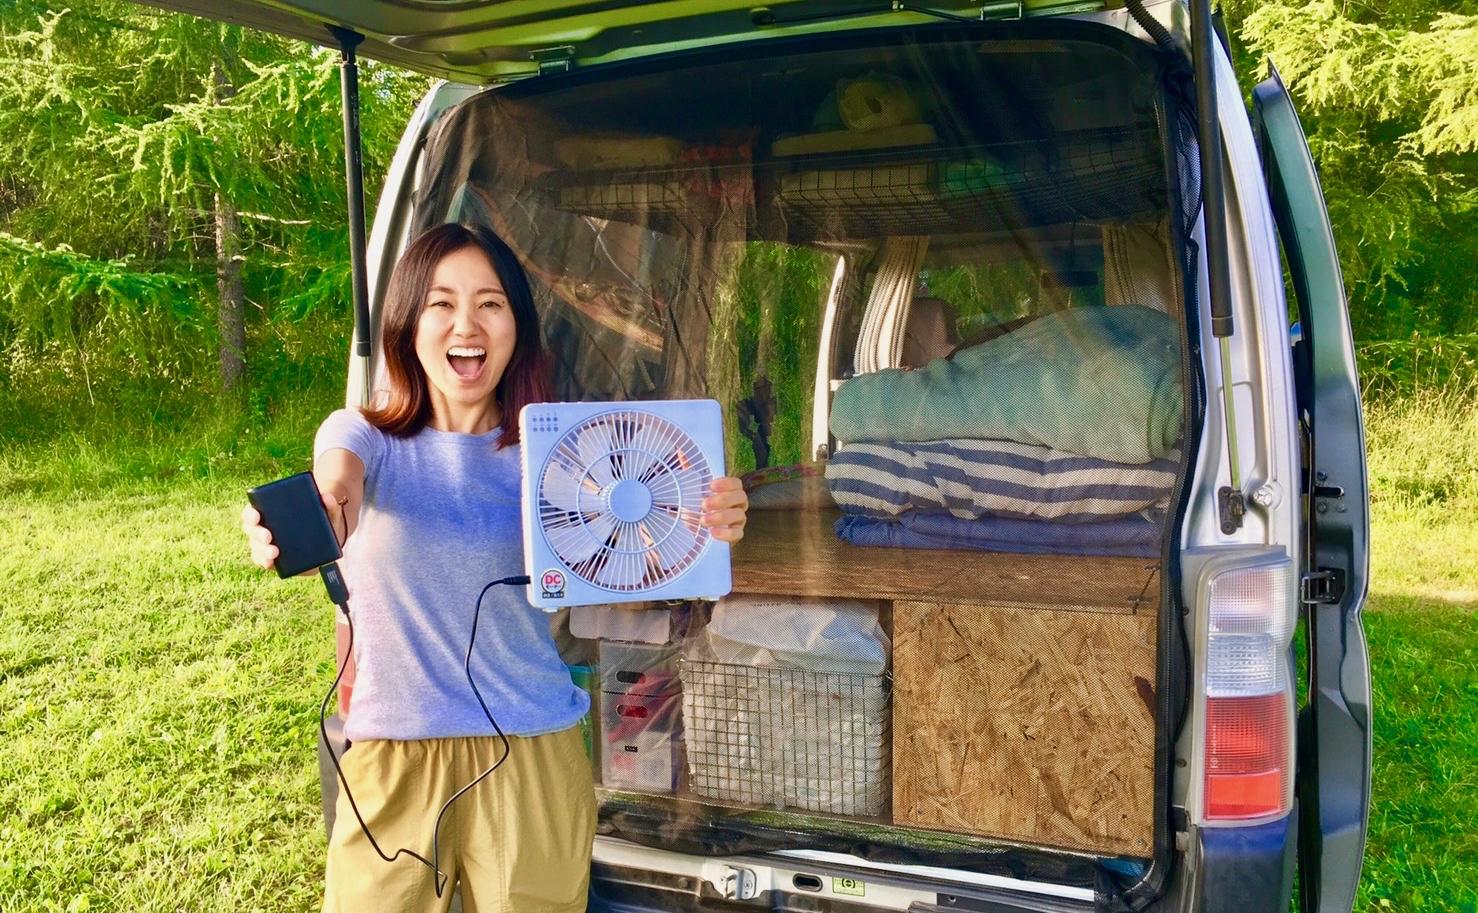 日本三大音楽フェス「フジロック/FUJI ROCK2019」に夫婦で車中泊で参戦してみた!